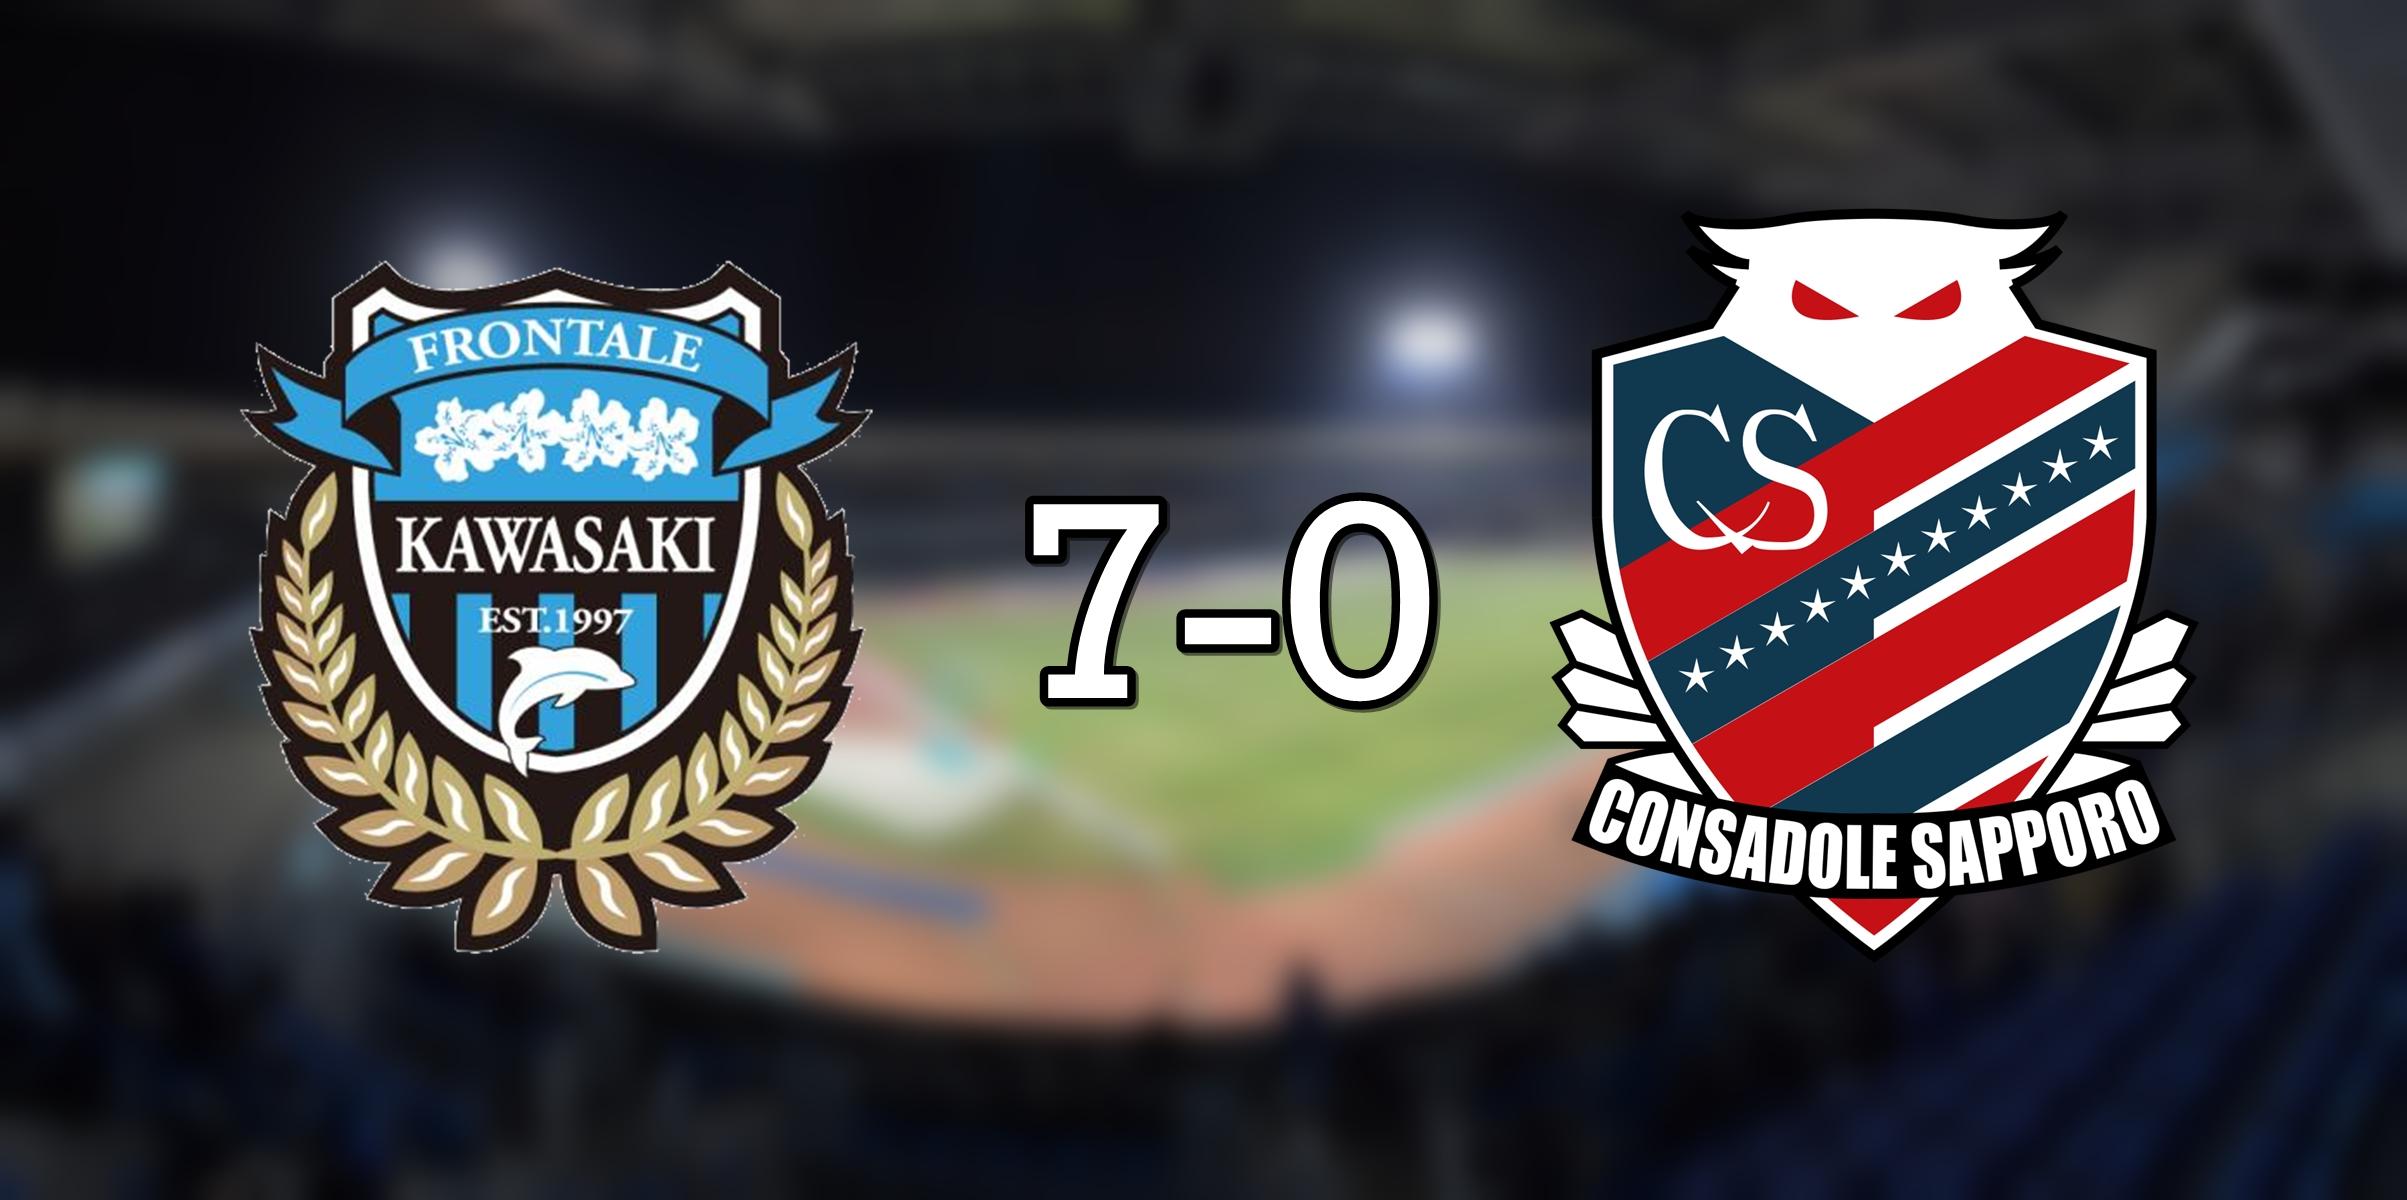 Frontale 7-0 Sapporo